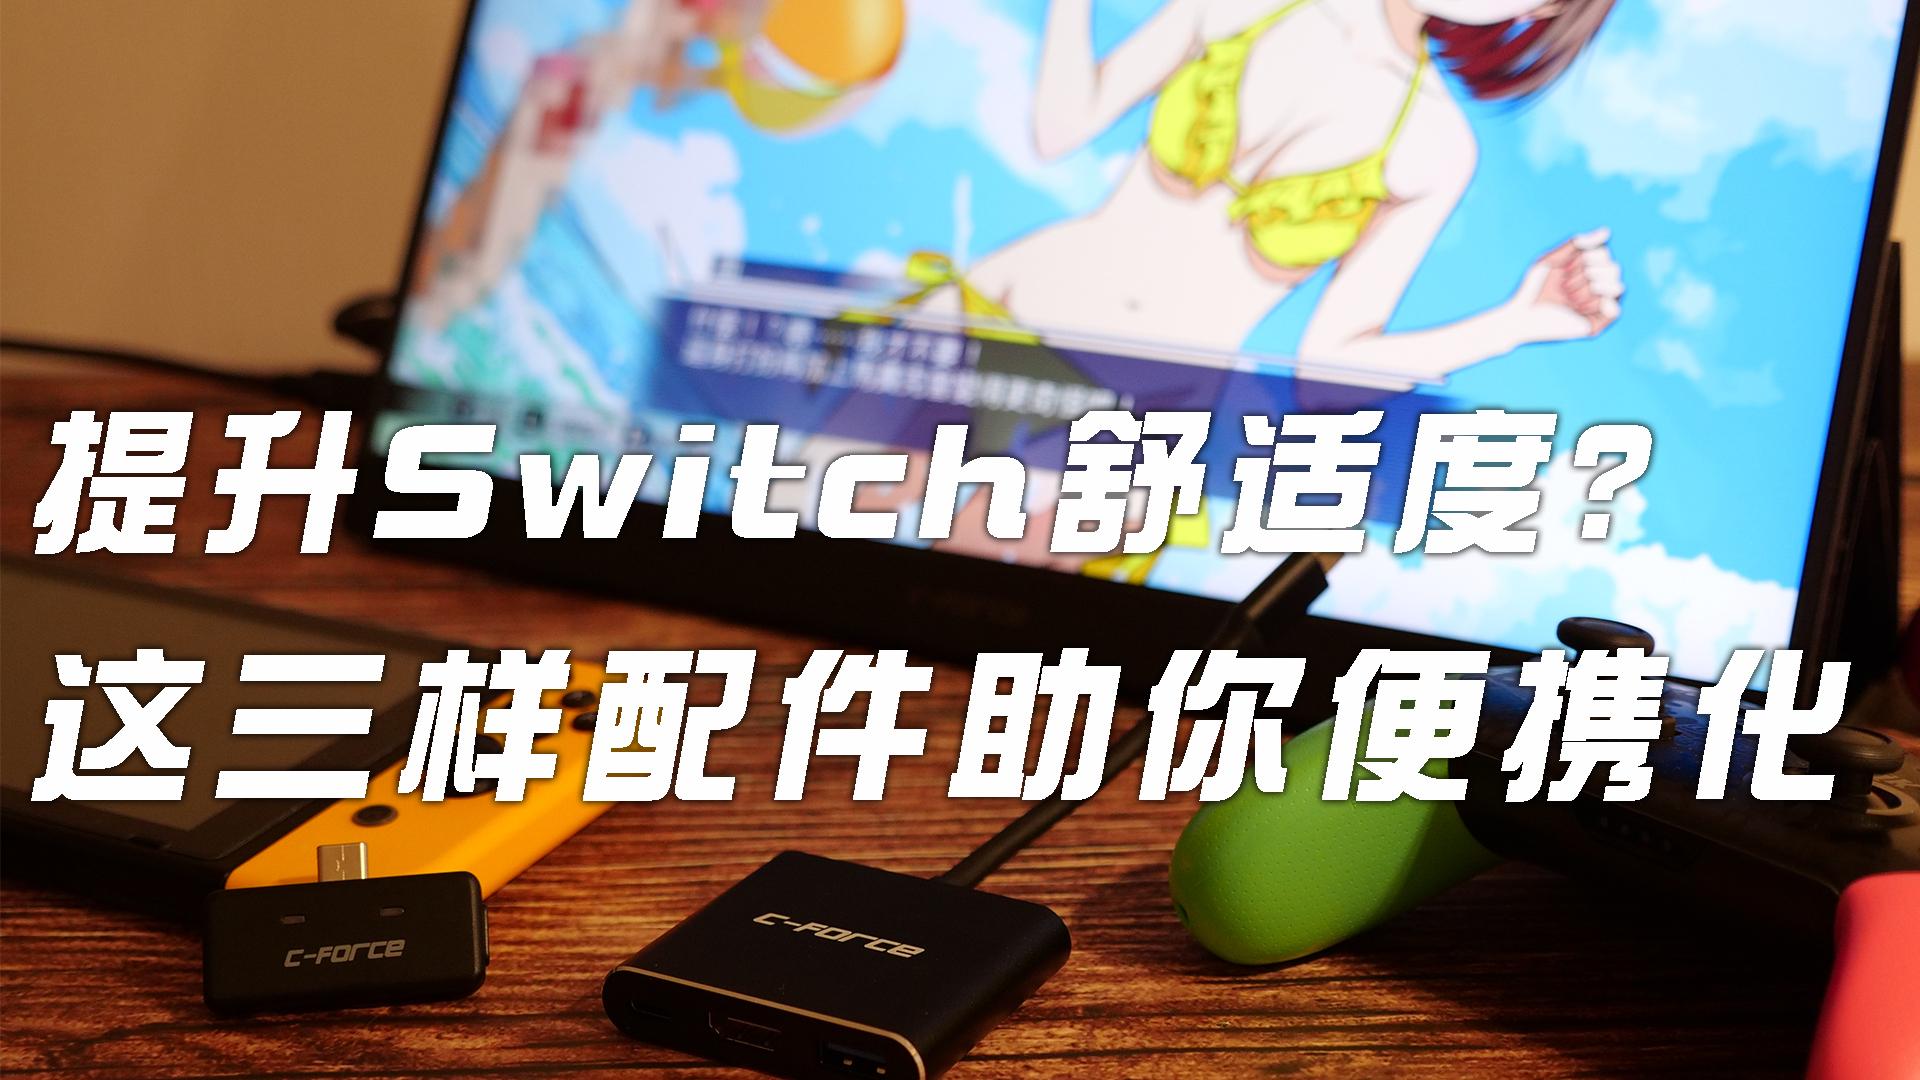 「Switch好物分享」提升舒适度?这三样配件助你便携化